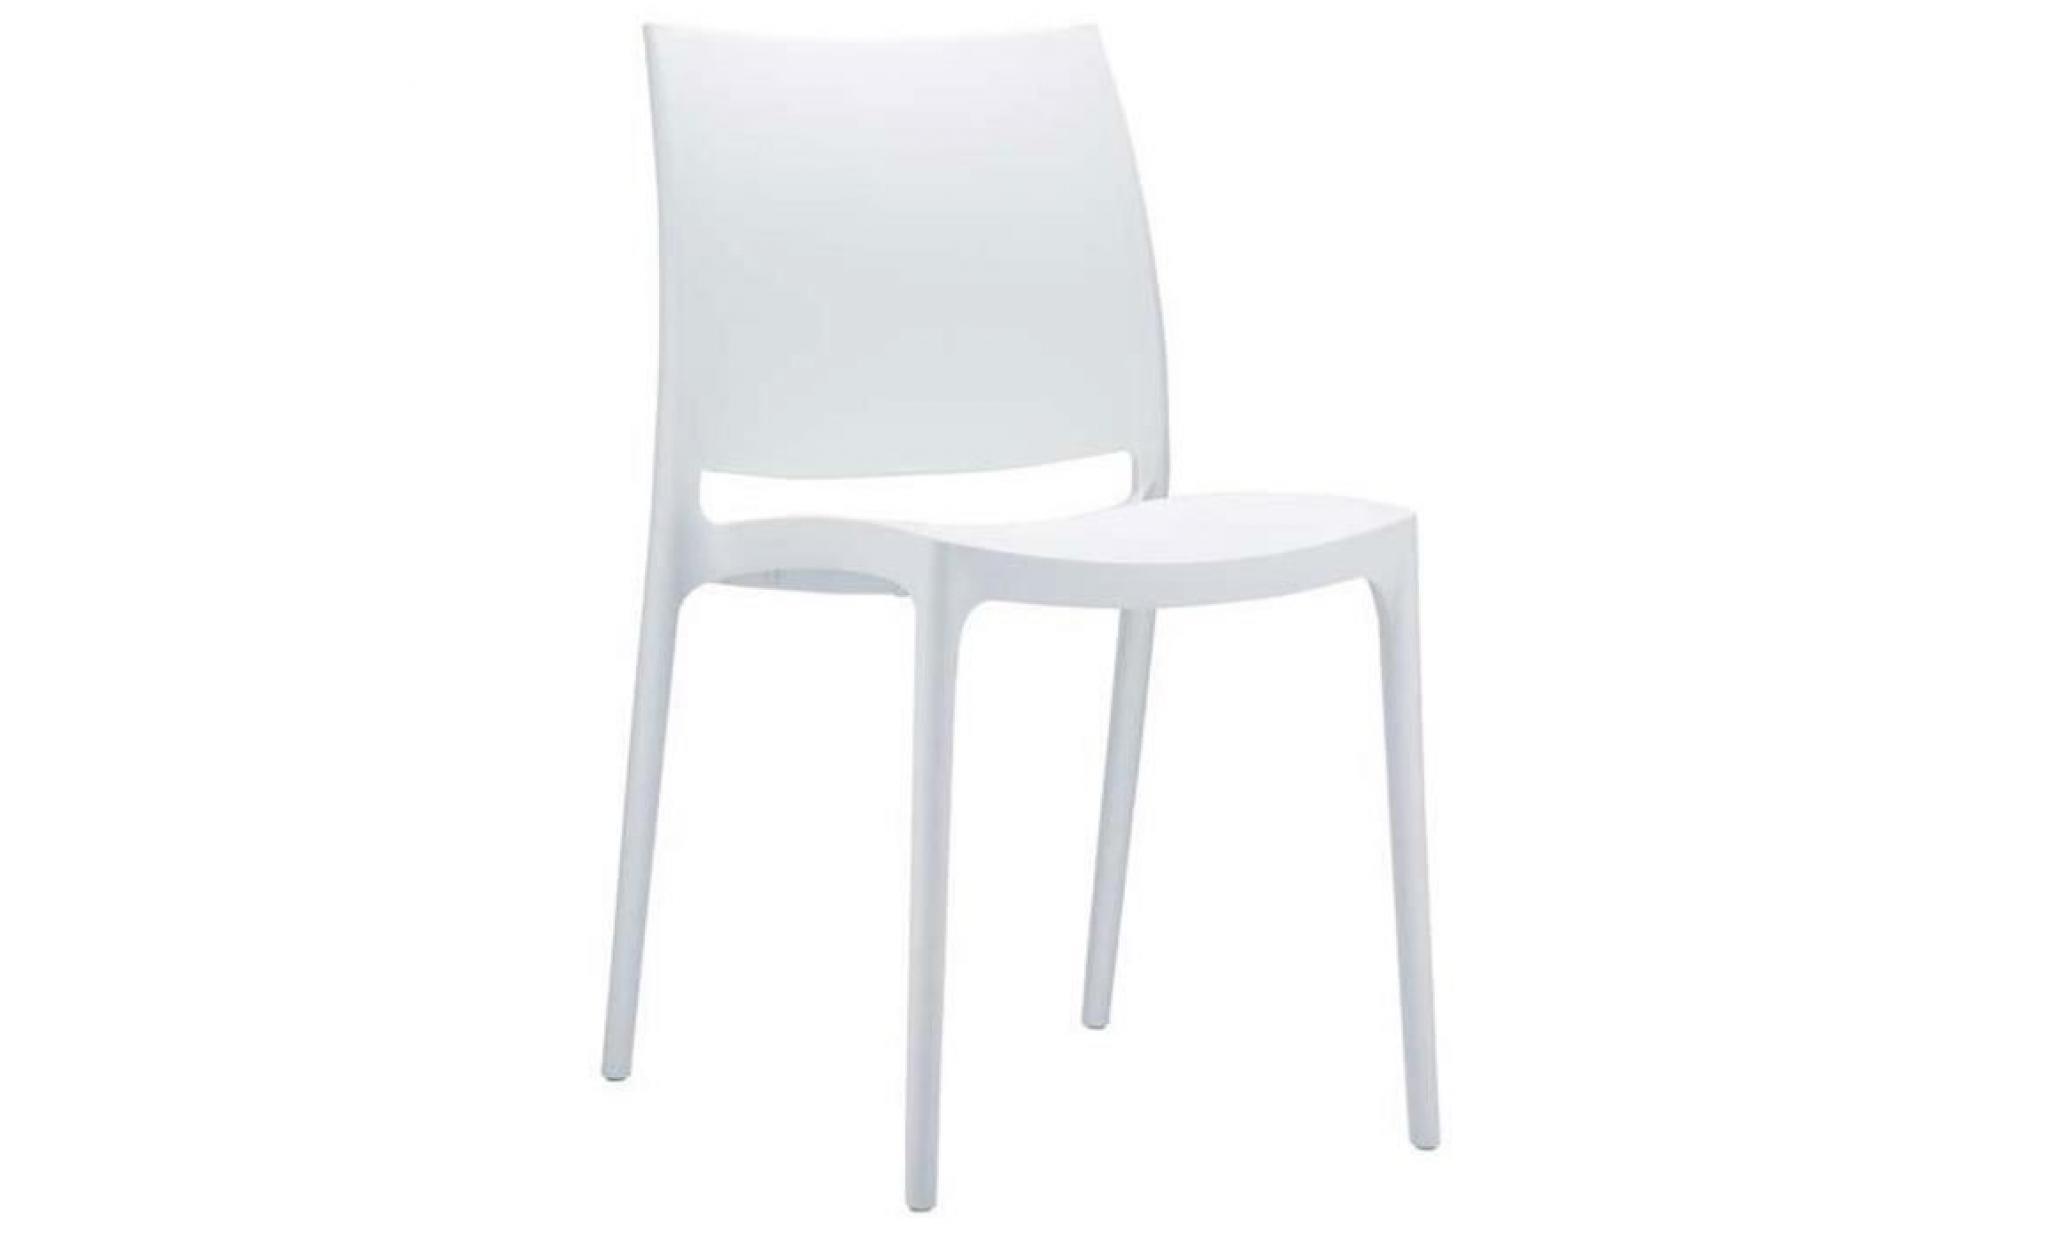 chaise de jardin empilable en plastique blanc achat. Black Bedroom Furniture Sets. Home Design Ideas